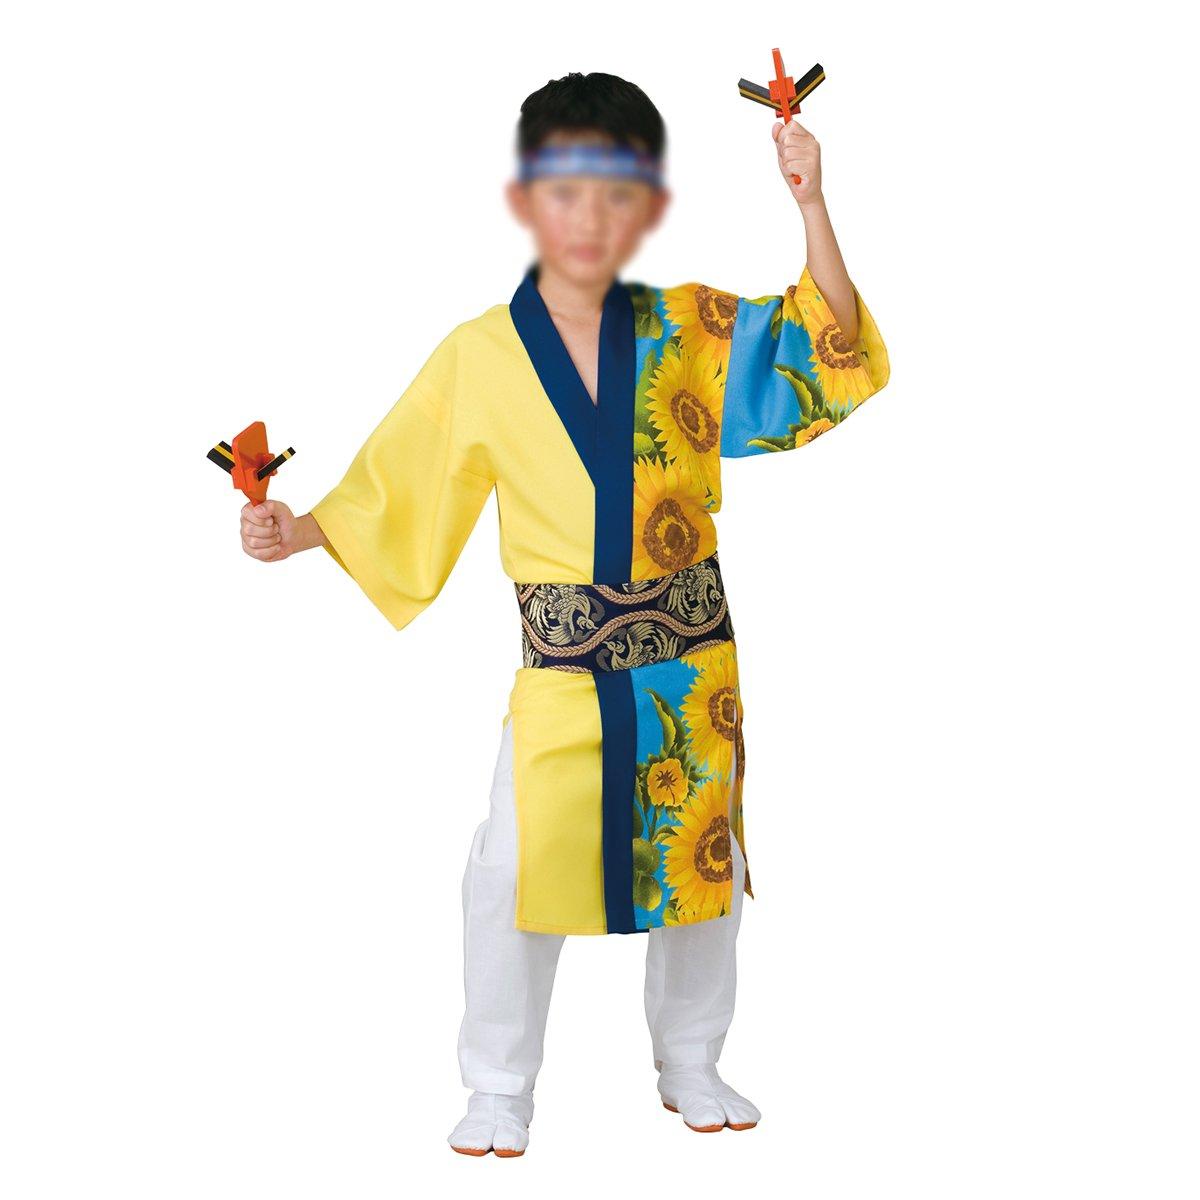 【お買得】 よさこい衣装 B078C7PJVT (3サイズ) 子供用ポリエステル長半纏法被 Jr.L ひまわり柄 (3サイズ) Jr.L B078C7PJVT, UNION NETSTORE:ab697f2a --- ultraculture.ru